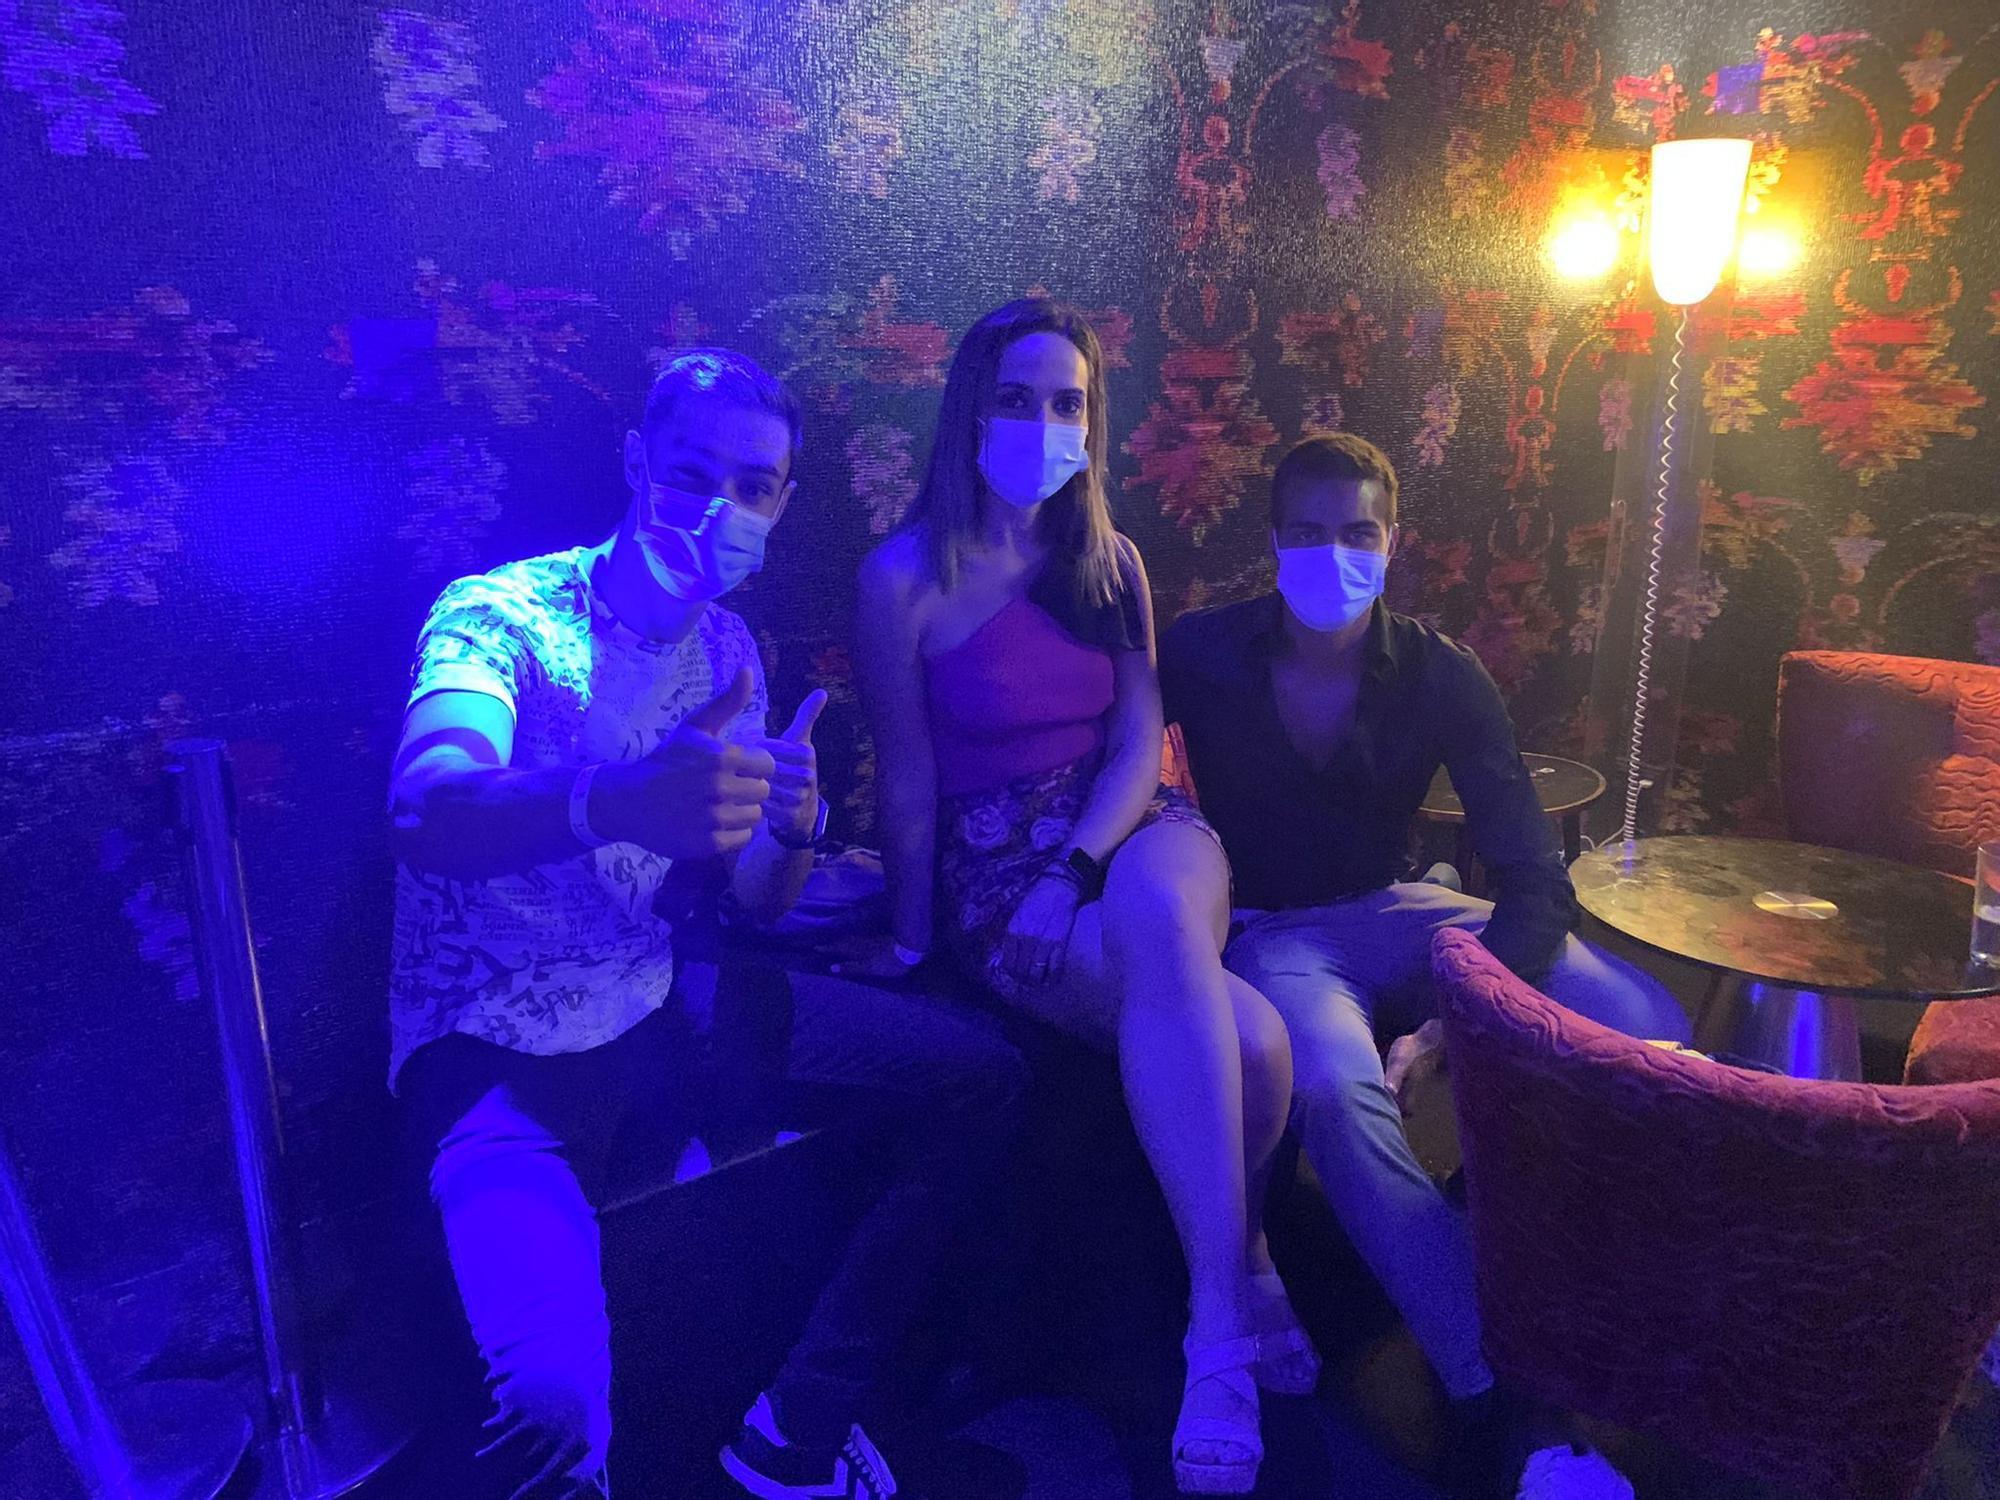 Así fue la primera noche en la discoteca Tokyo tras la pandemia.zip